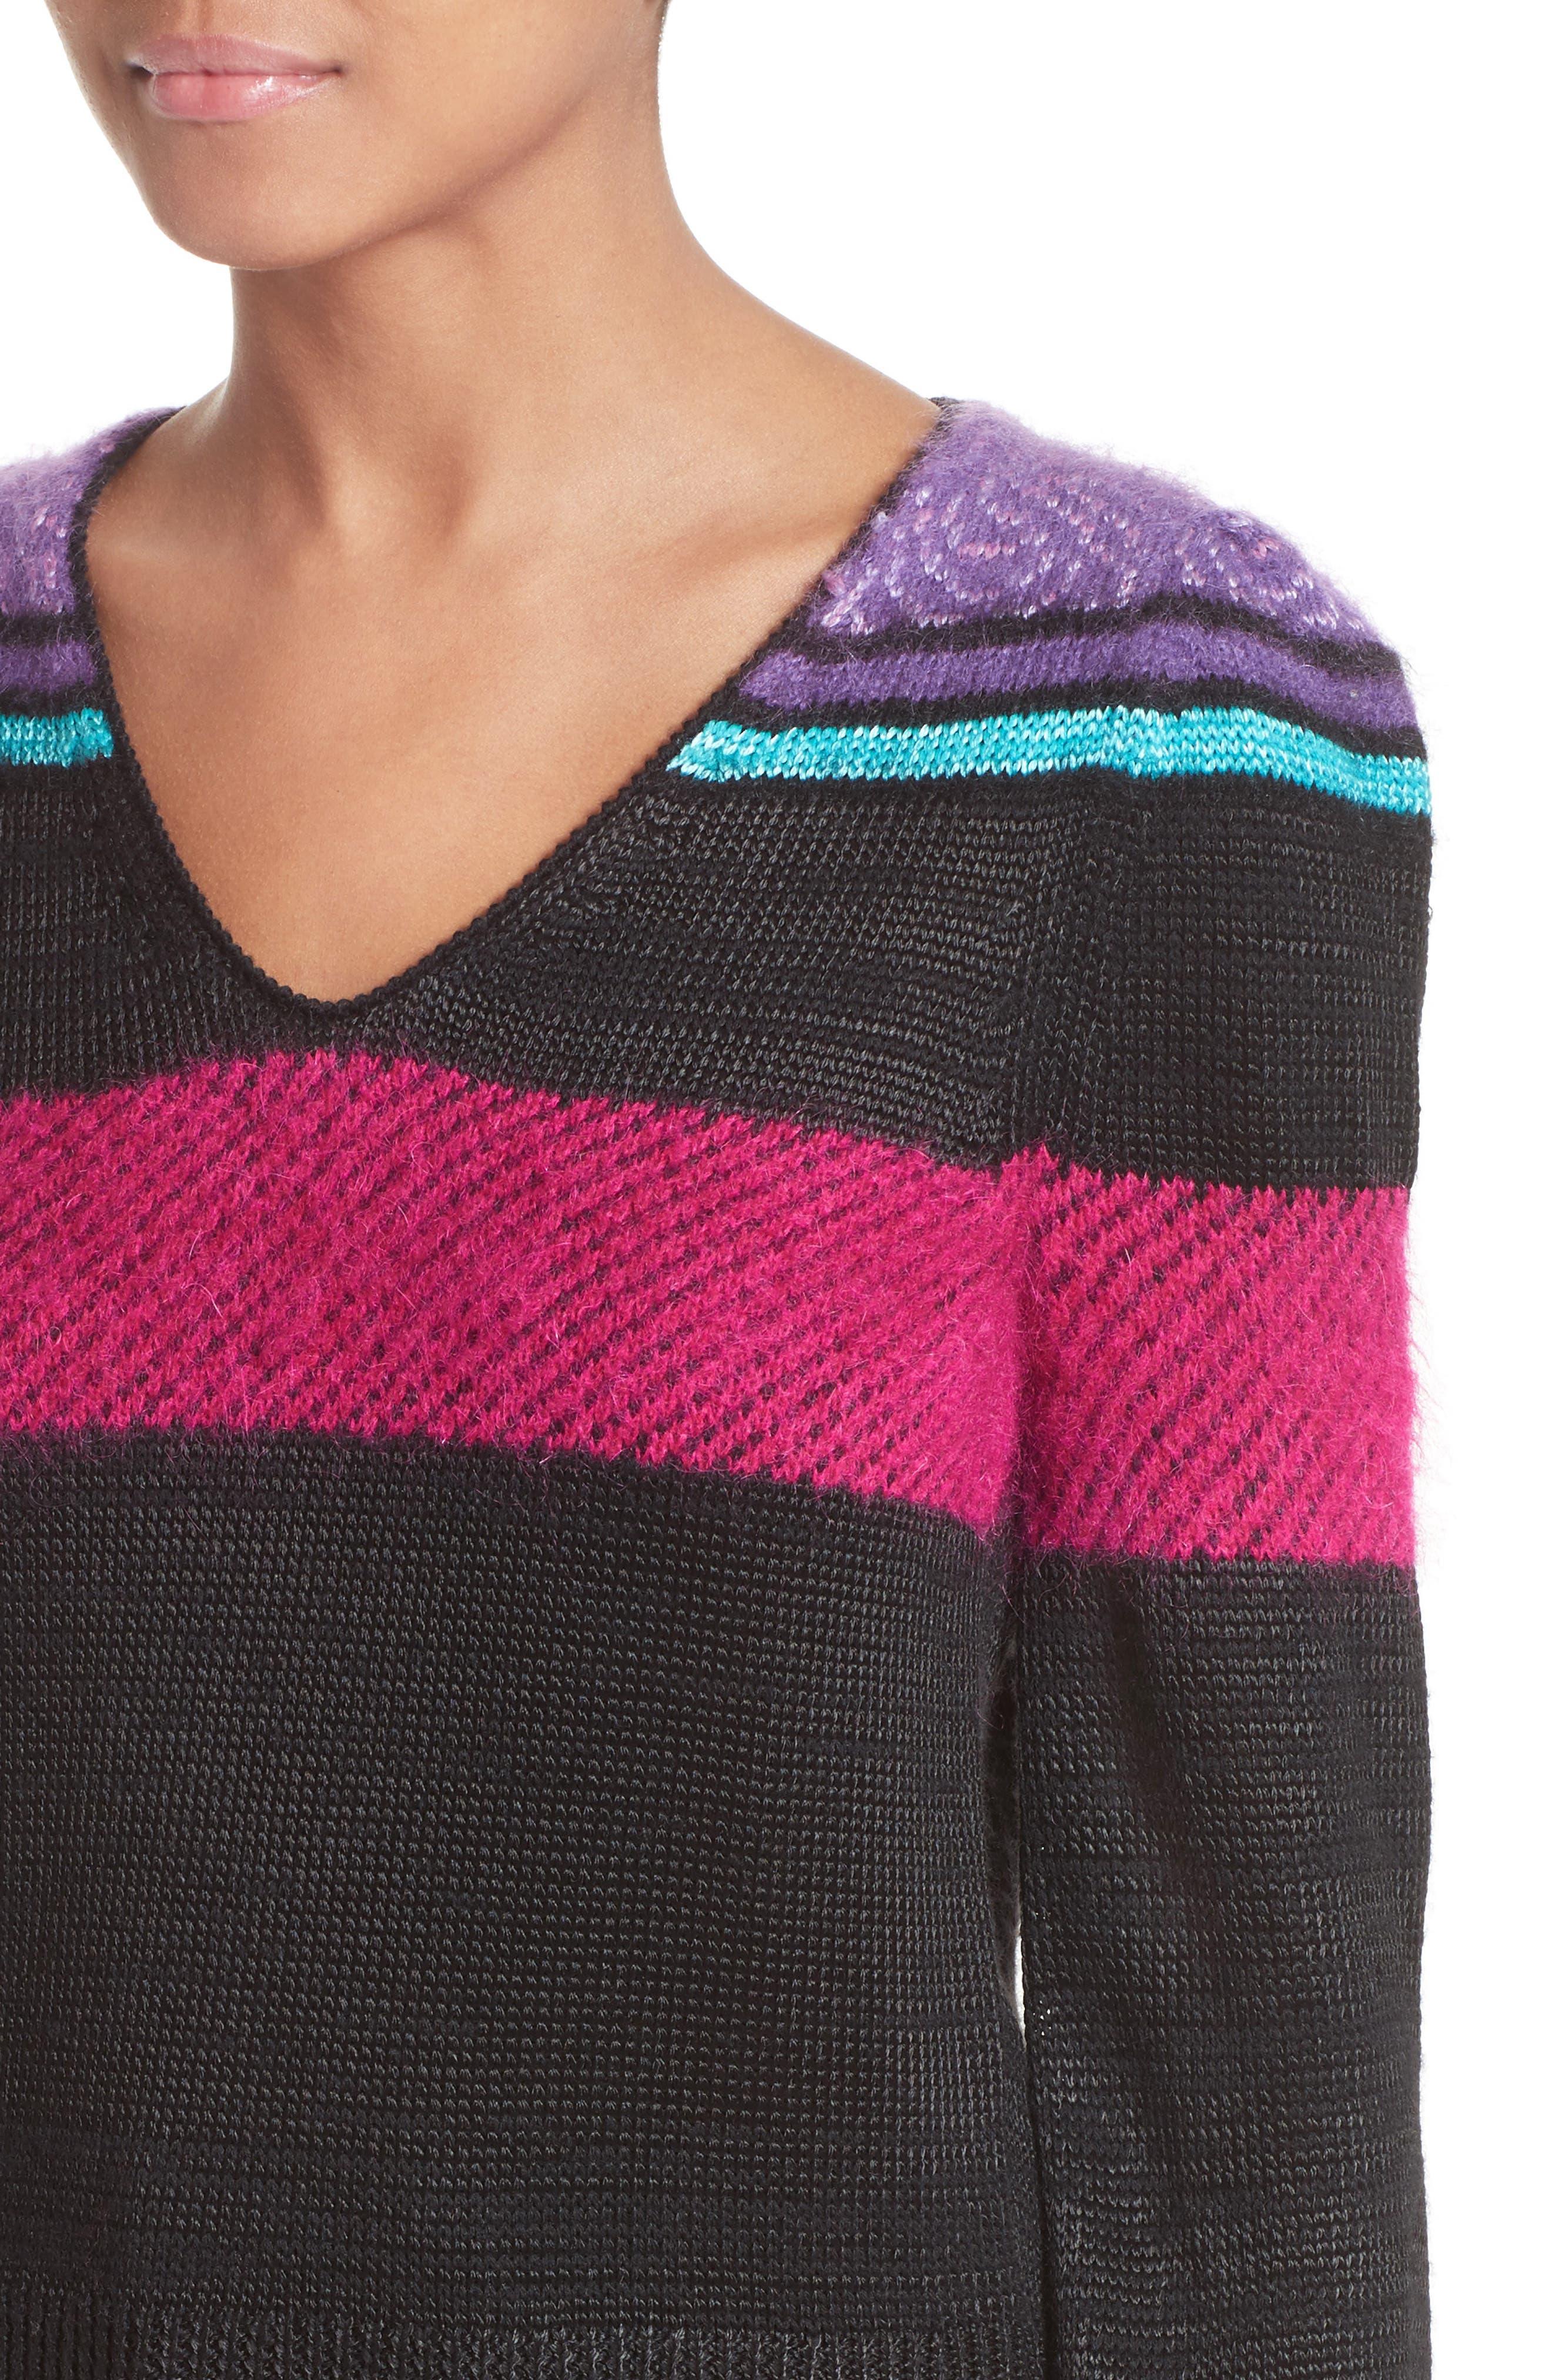 '80s Stripe Knit Sweater,                             Alternate thumbnail 7, color,                             Black Multi